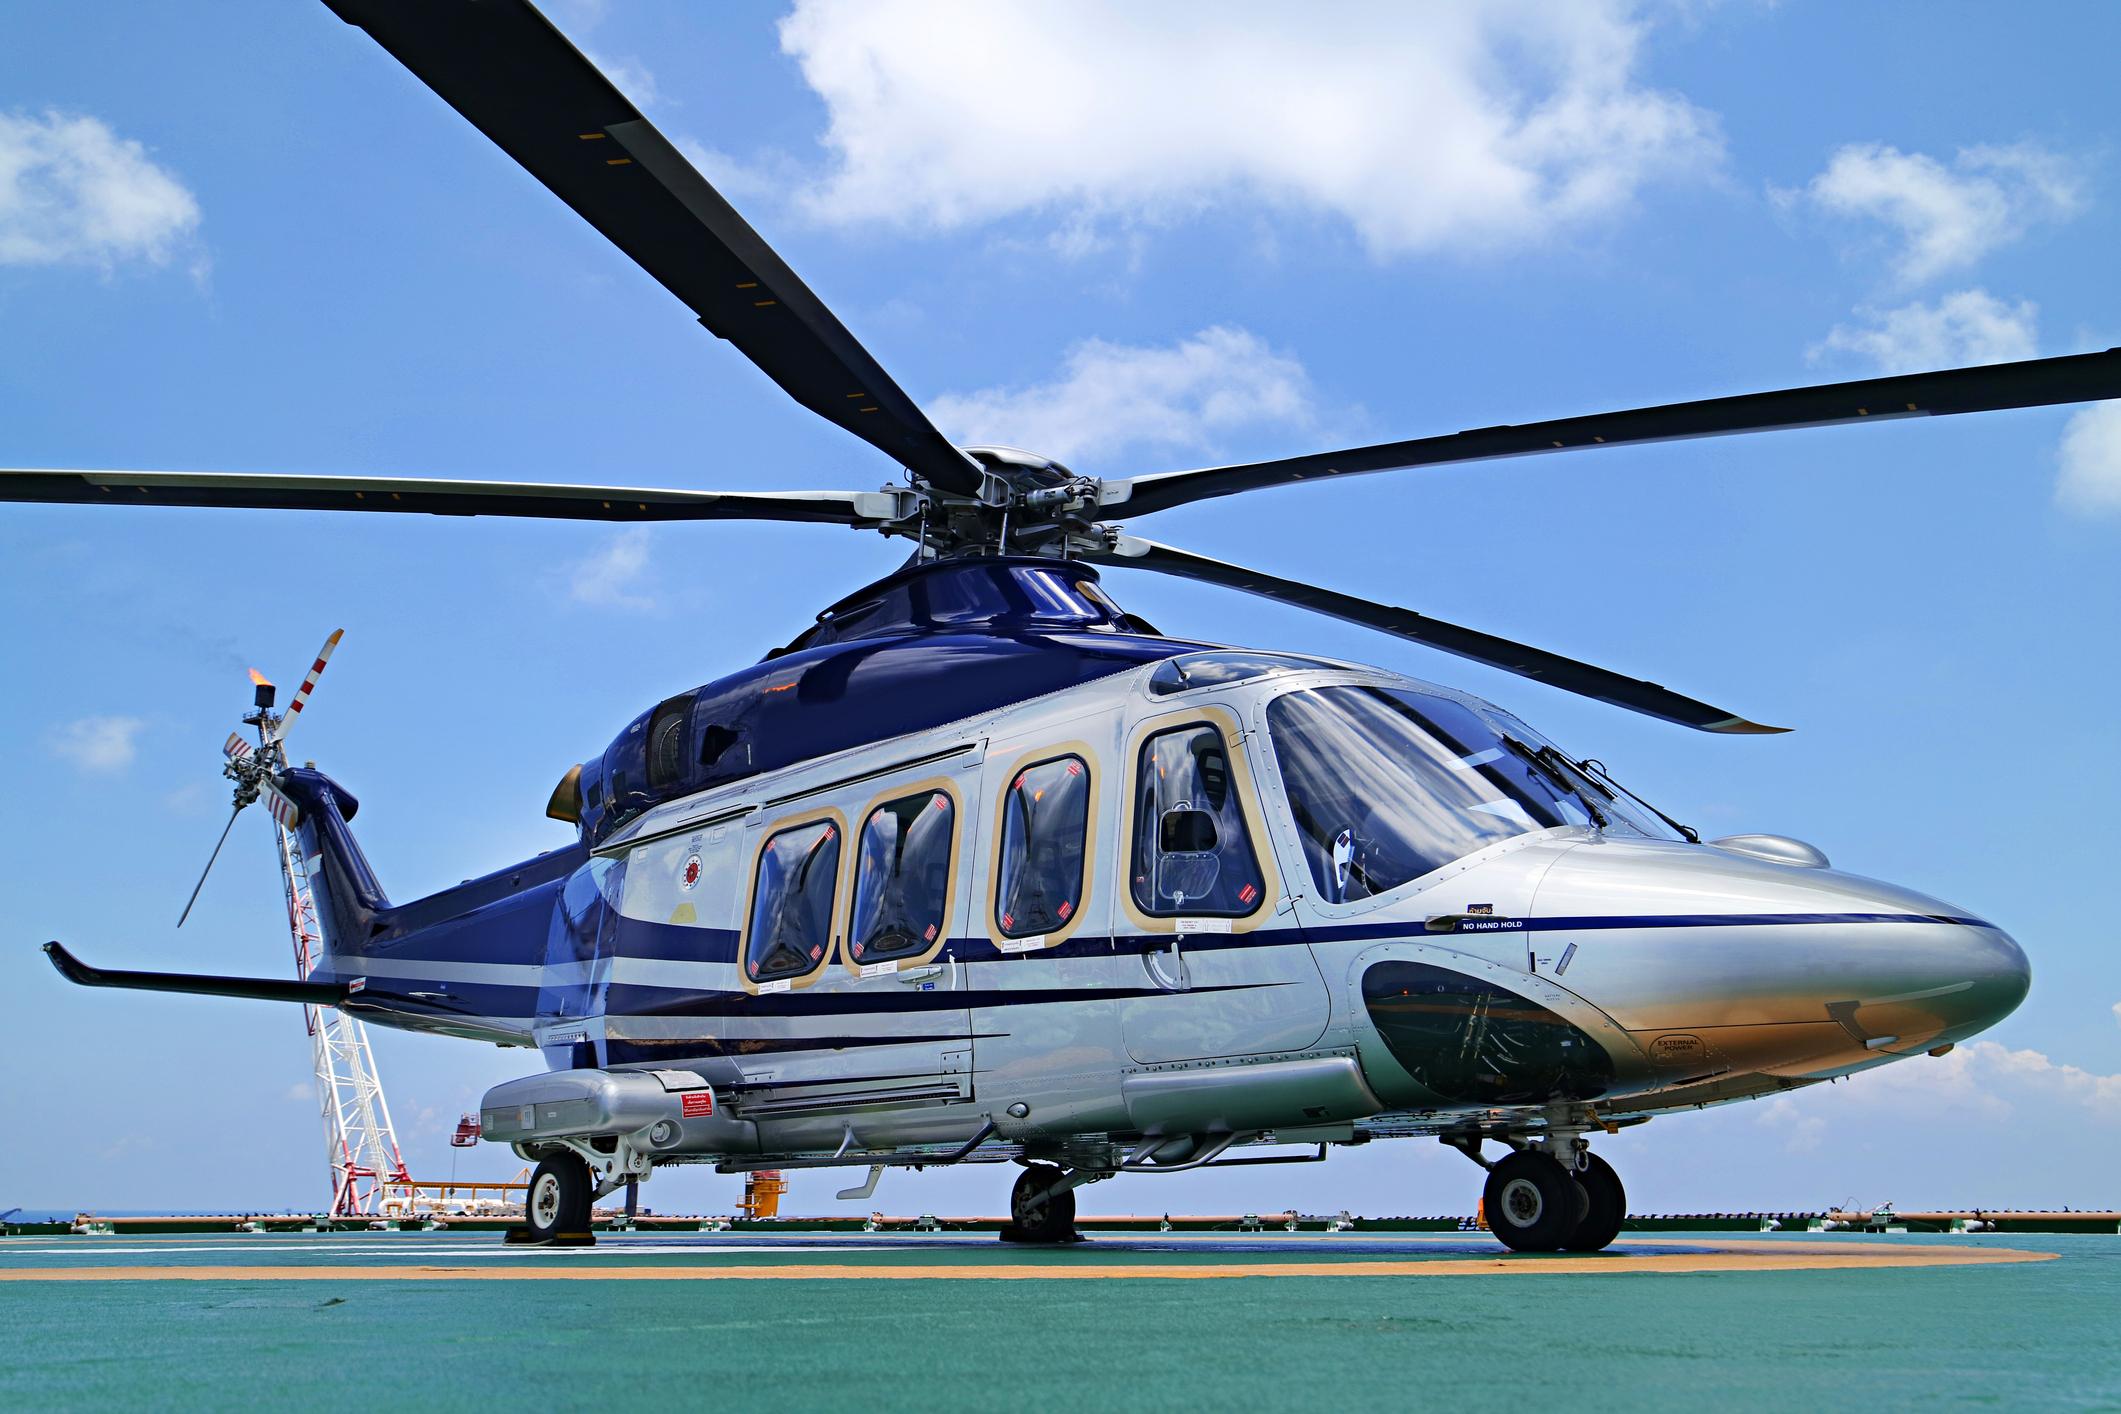 Elicottero Interno : Elicottero caduto molte cose non quadrano exit news spiega l